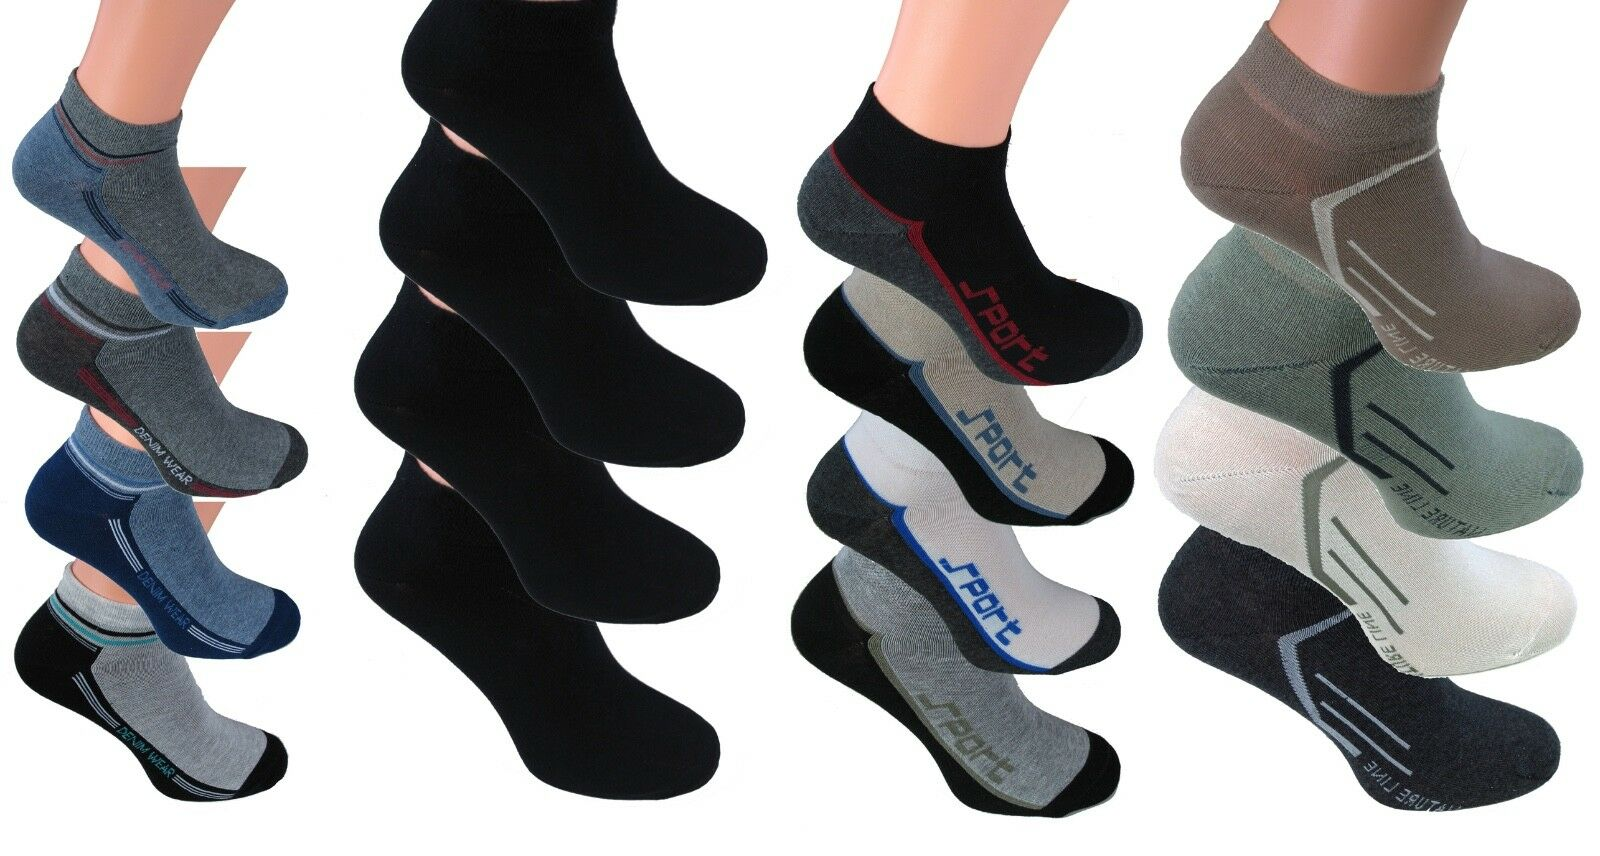 8 Paar kurze Sneakers Socken Herren Füßlinge halbe Socke kurz Baumwolle Bw kurze